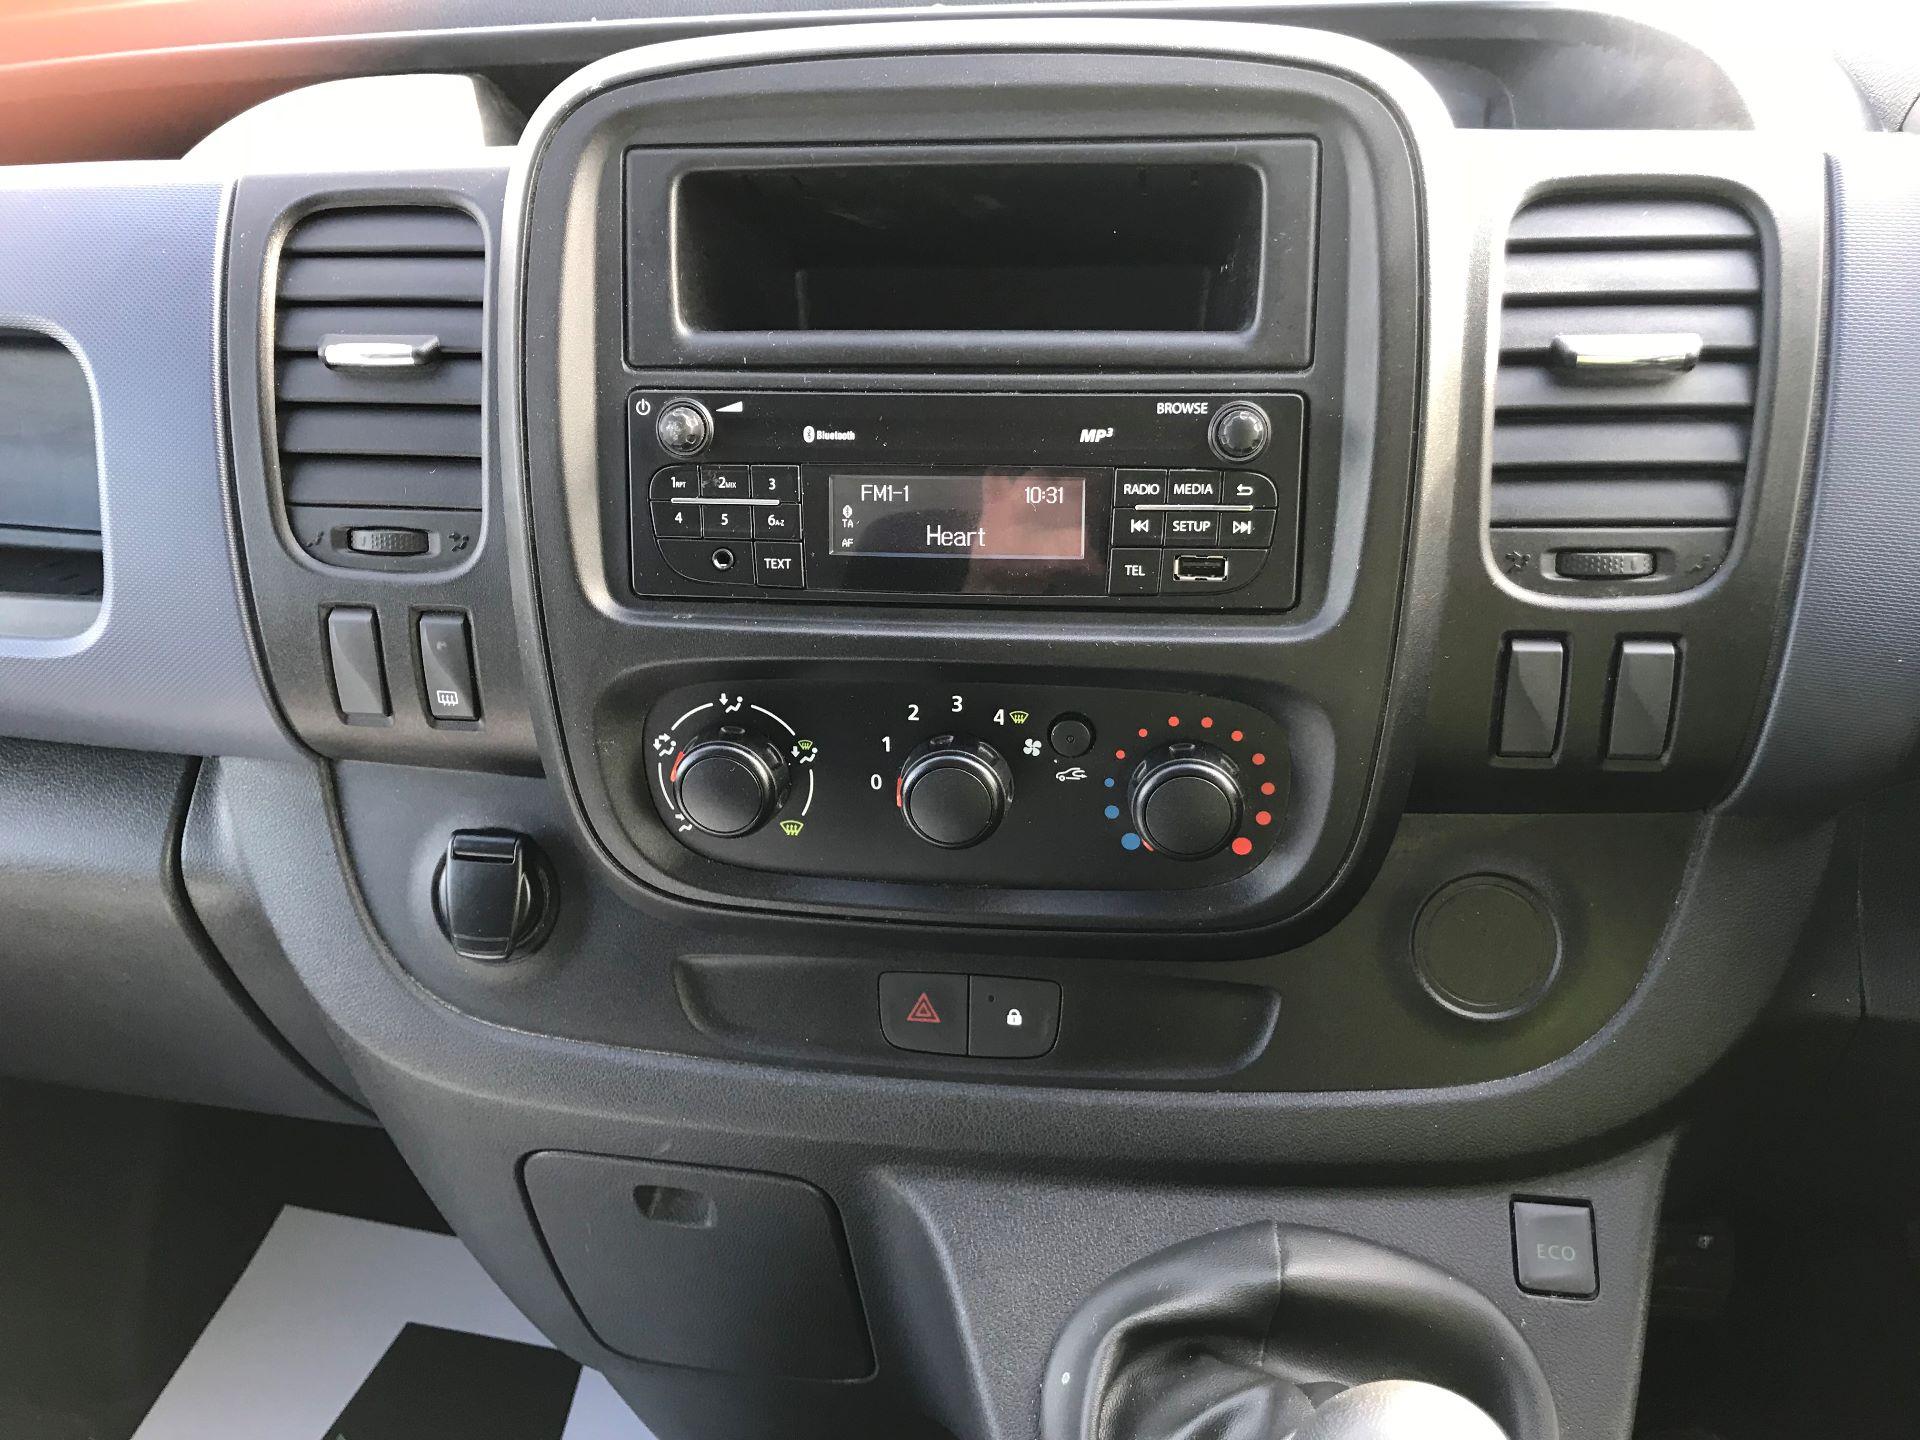 2017 Vauxhall Vivaro L2 H1 2900 1.6CDTI 120PS EURO 6 (DV67LXX) Image 19